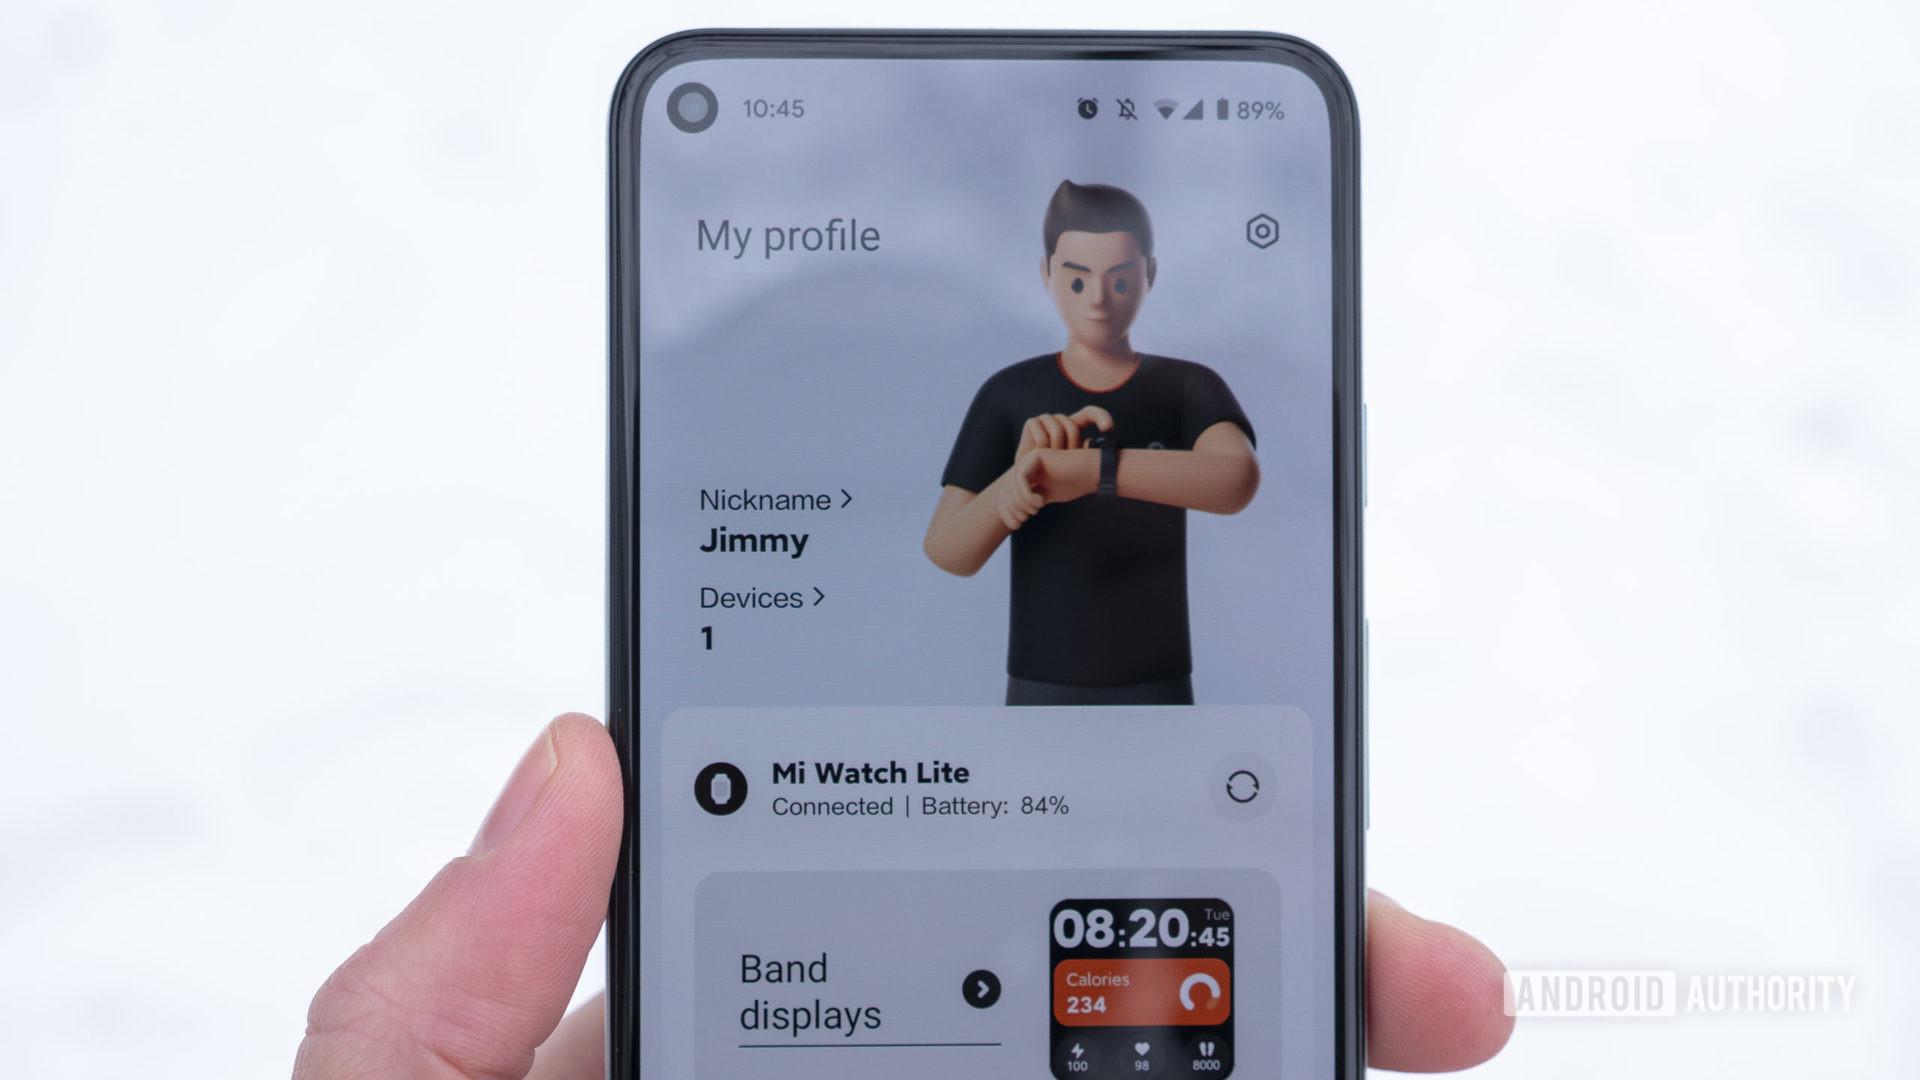 xiaomi mi watch lite review xiaomi wear app home screen